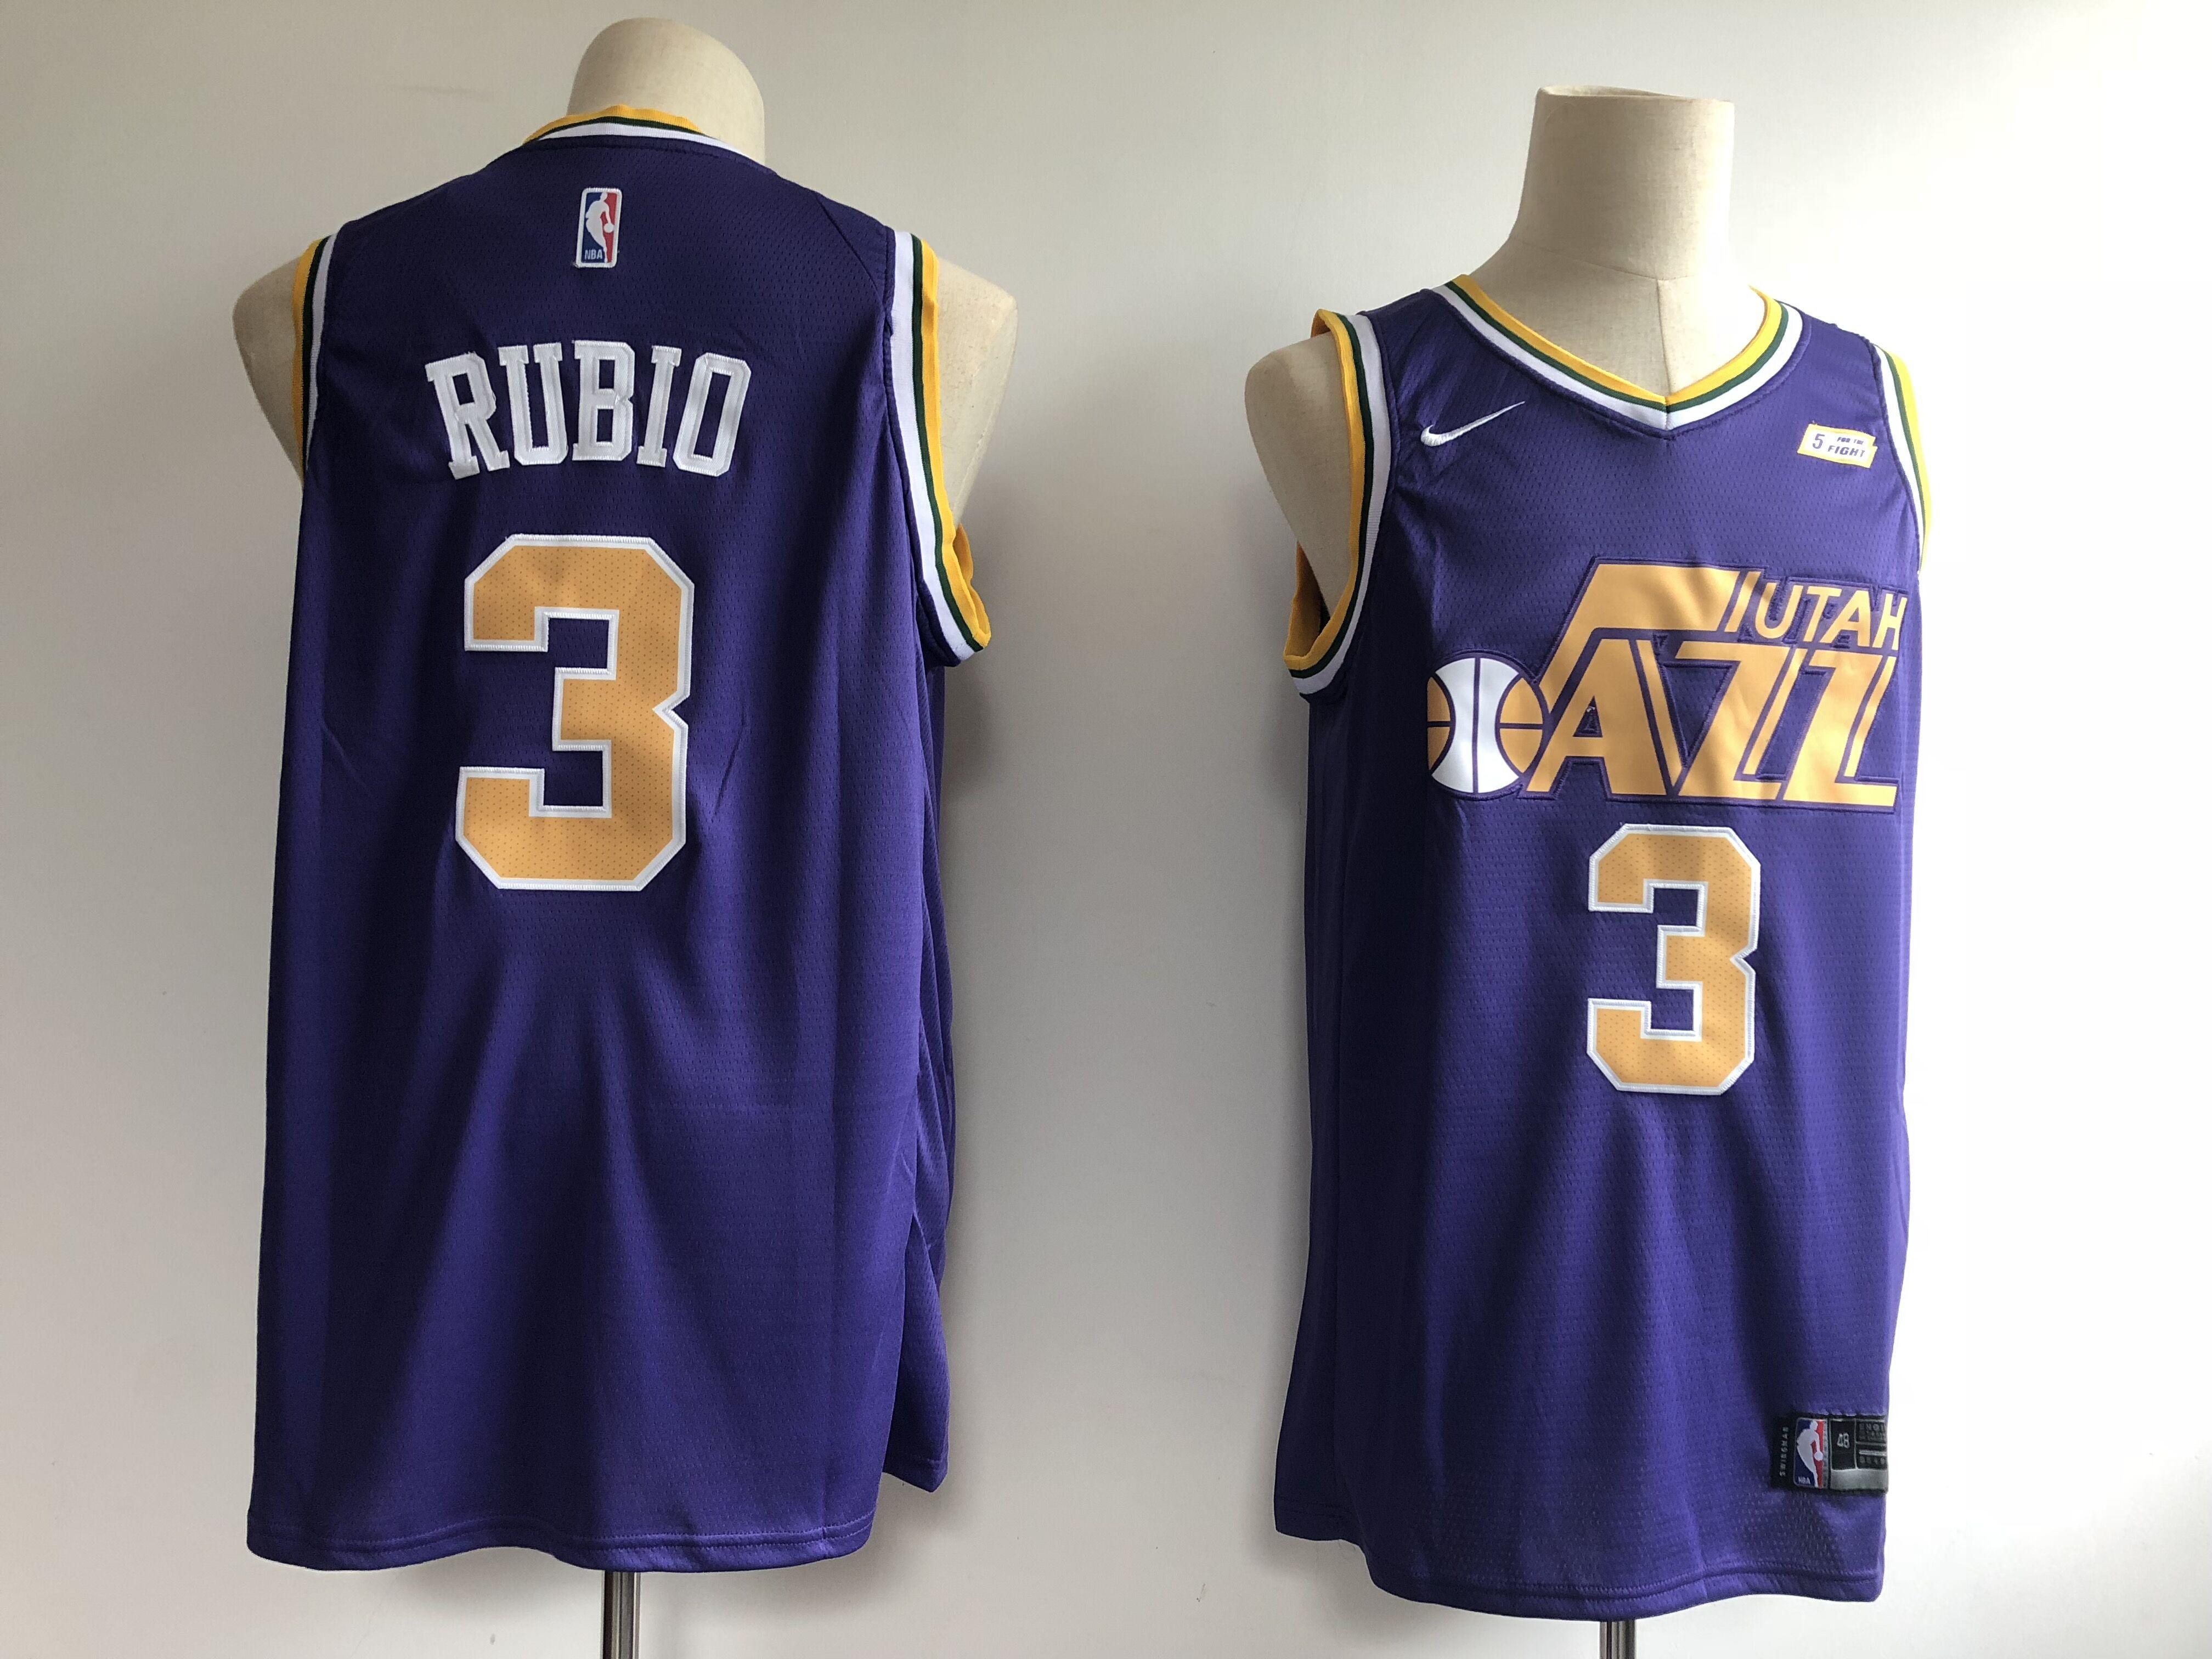 Jazz 3 Ricky Rubio Purple Nike Swingman Jersey d7de5e691